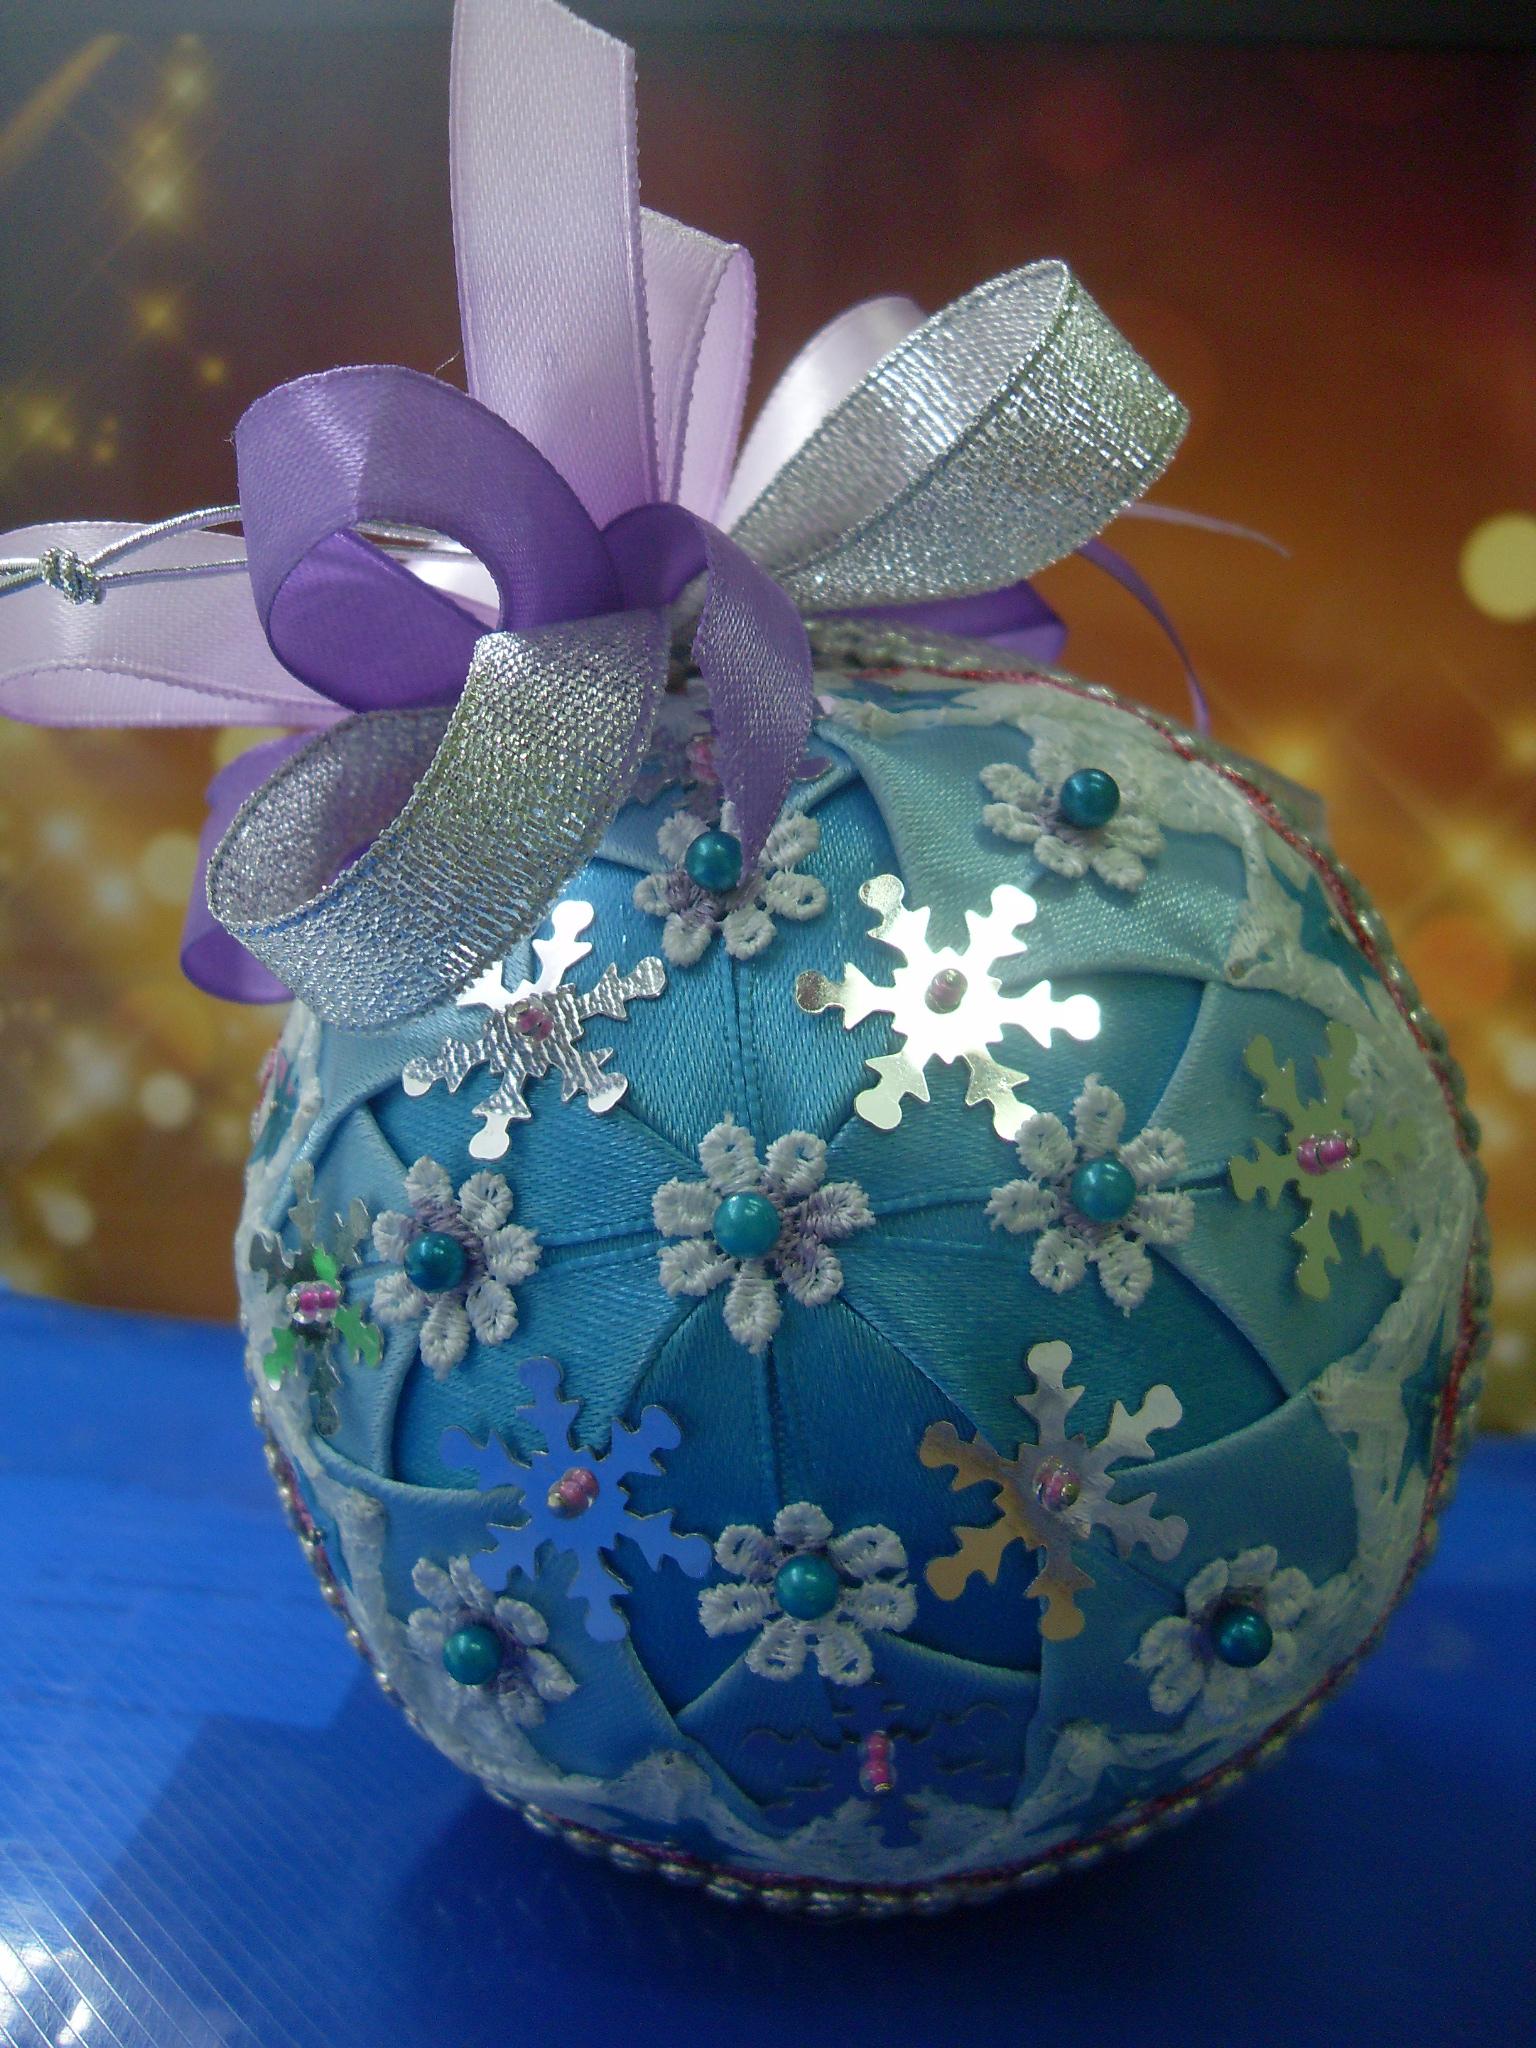 поделка новогодний шар своими руками фото приглашает всех